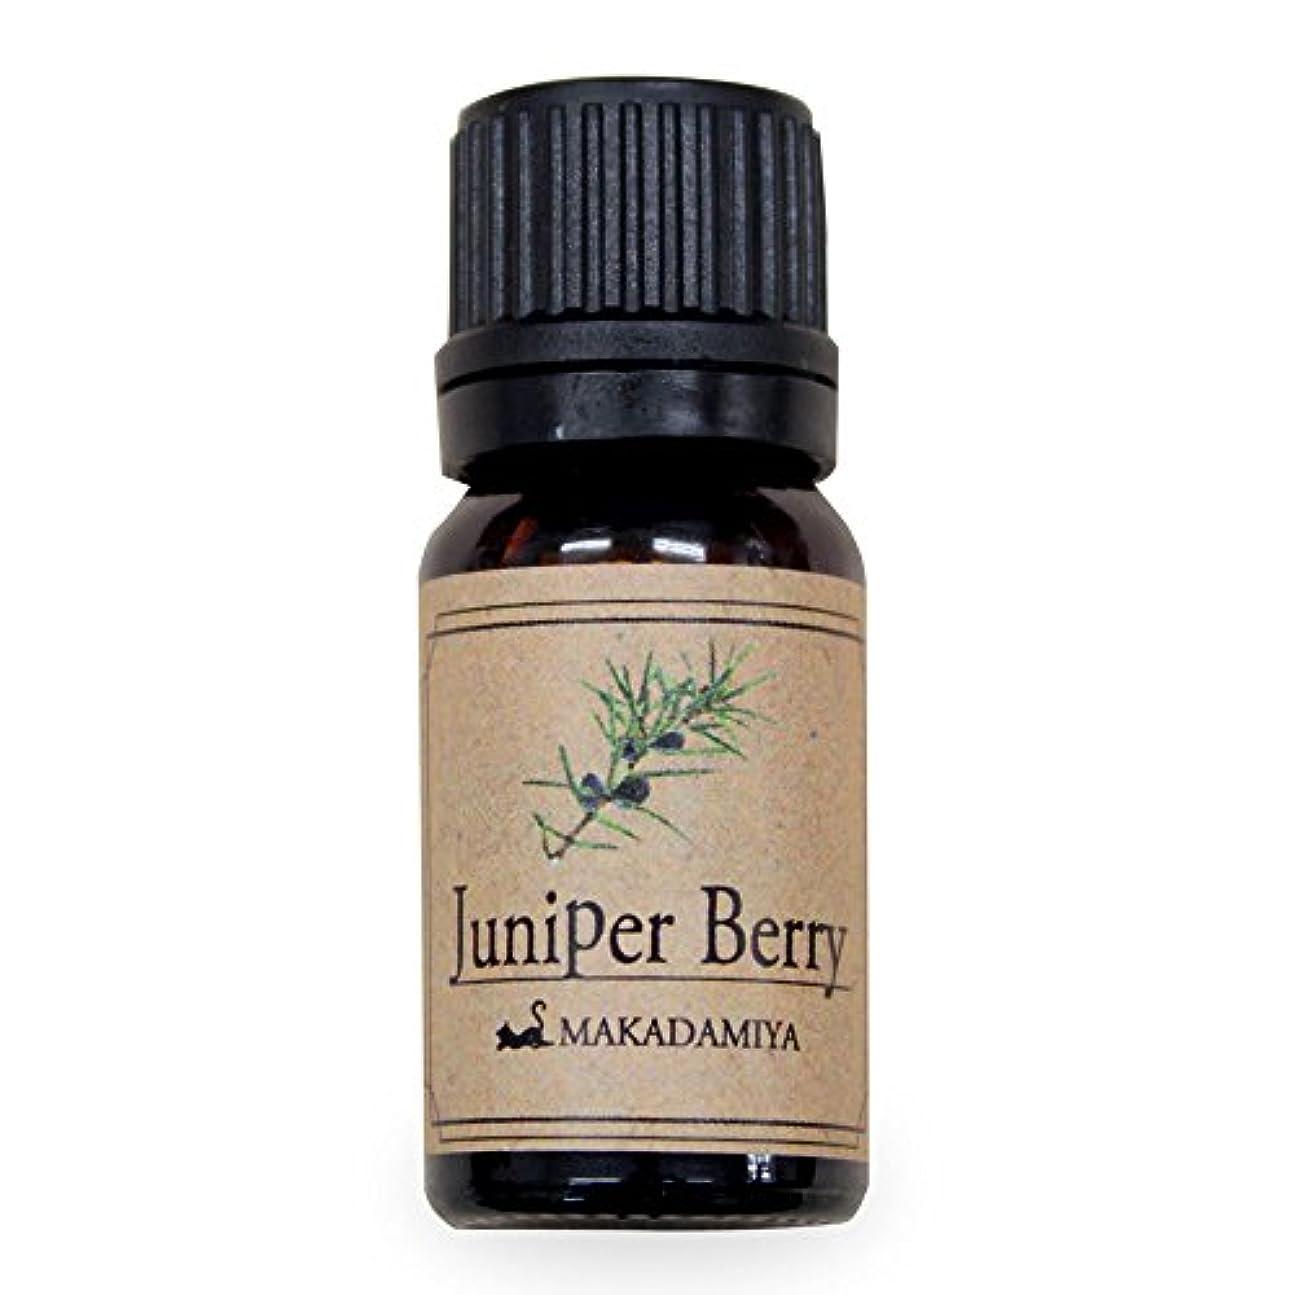 ポイント似ている資格ジュニパーベリー10ml 天然100%植物性 エッセンシャルオイル(精油) アロマオイル アロママッサージ aroma Junipe Berry